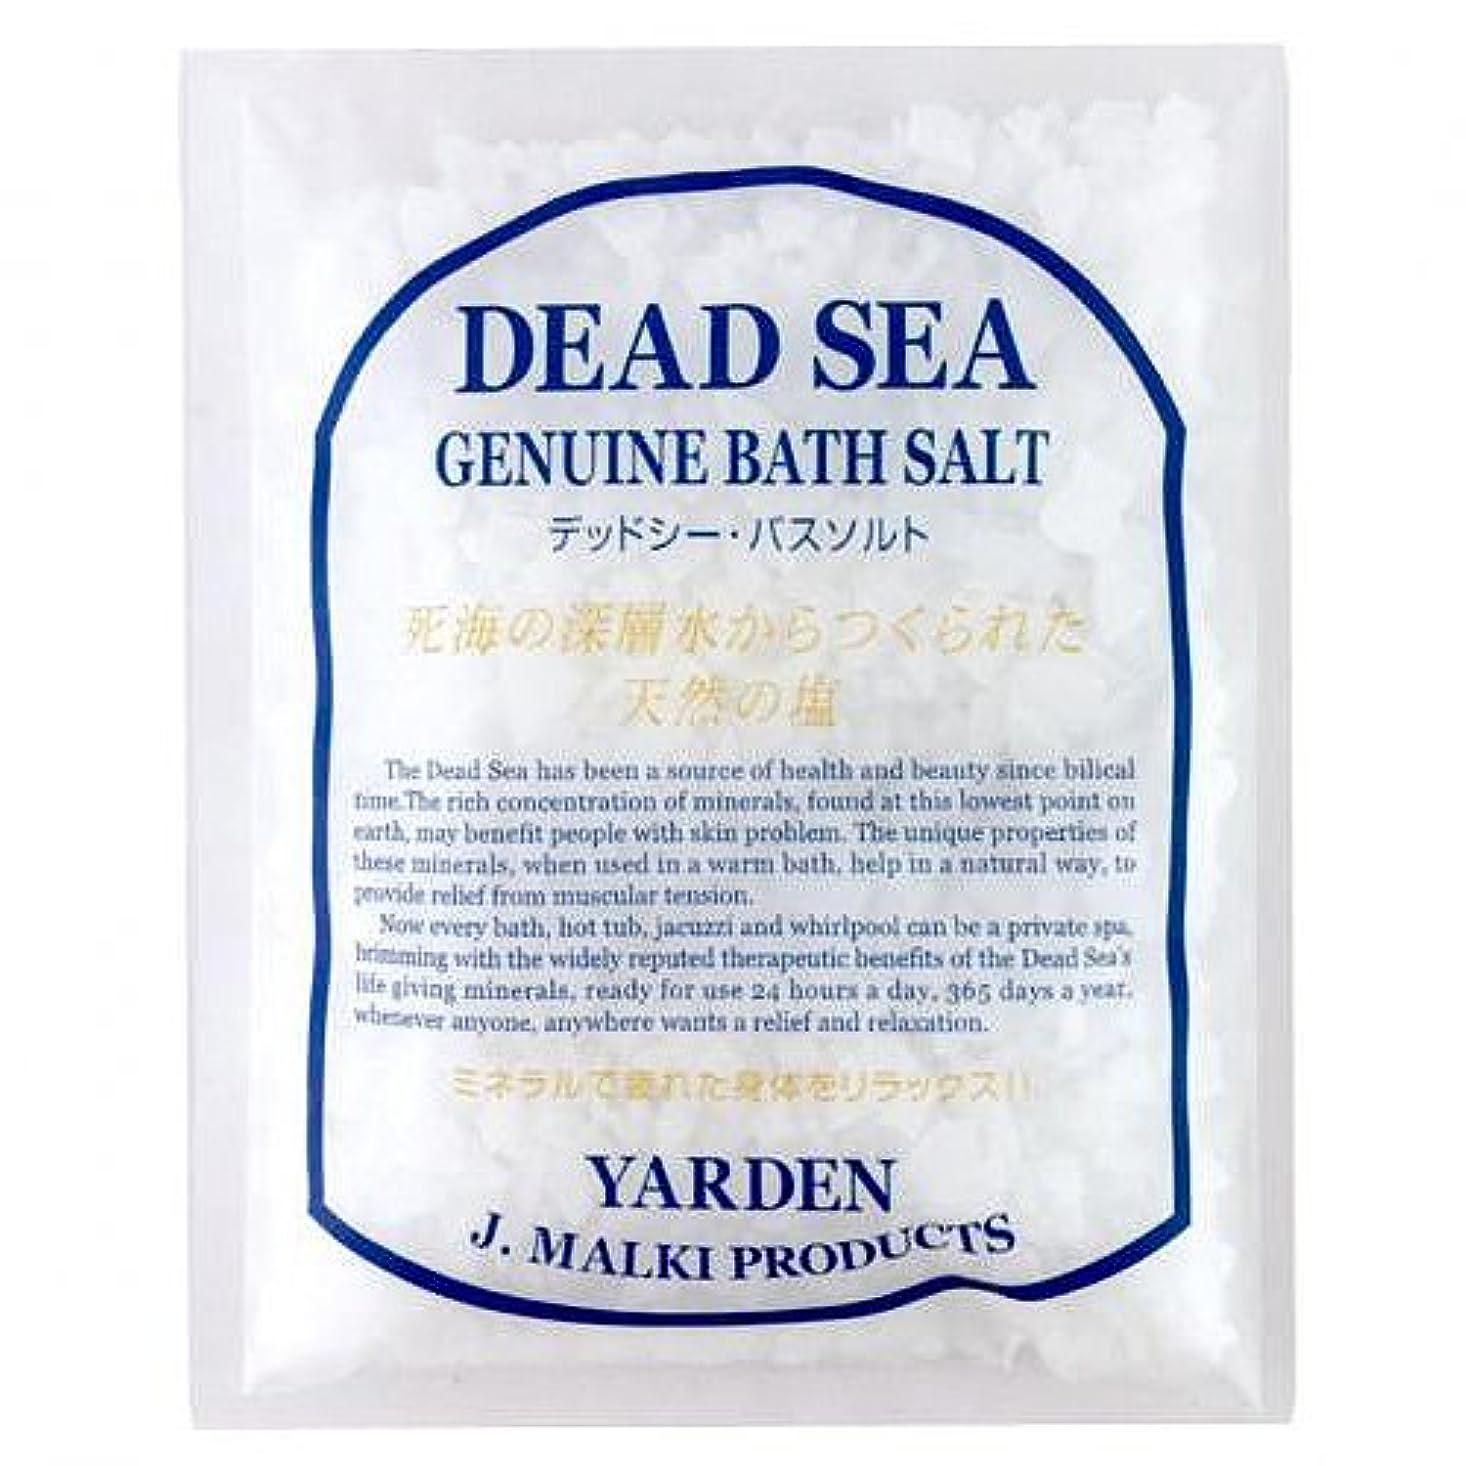 放出一掃するナンセンスデッドシー?バスソルト 100g 【DEAD SEA BATH SALT】死海の塩/入浴剤(入浴用化粧品)【正規販売店】